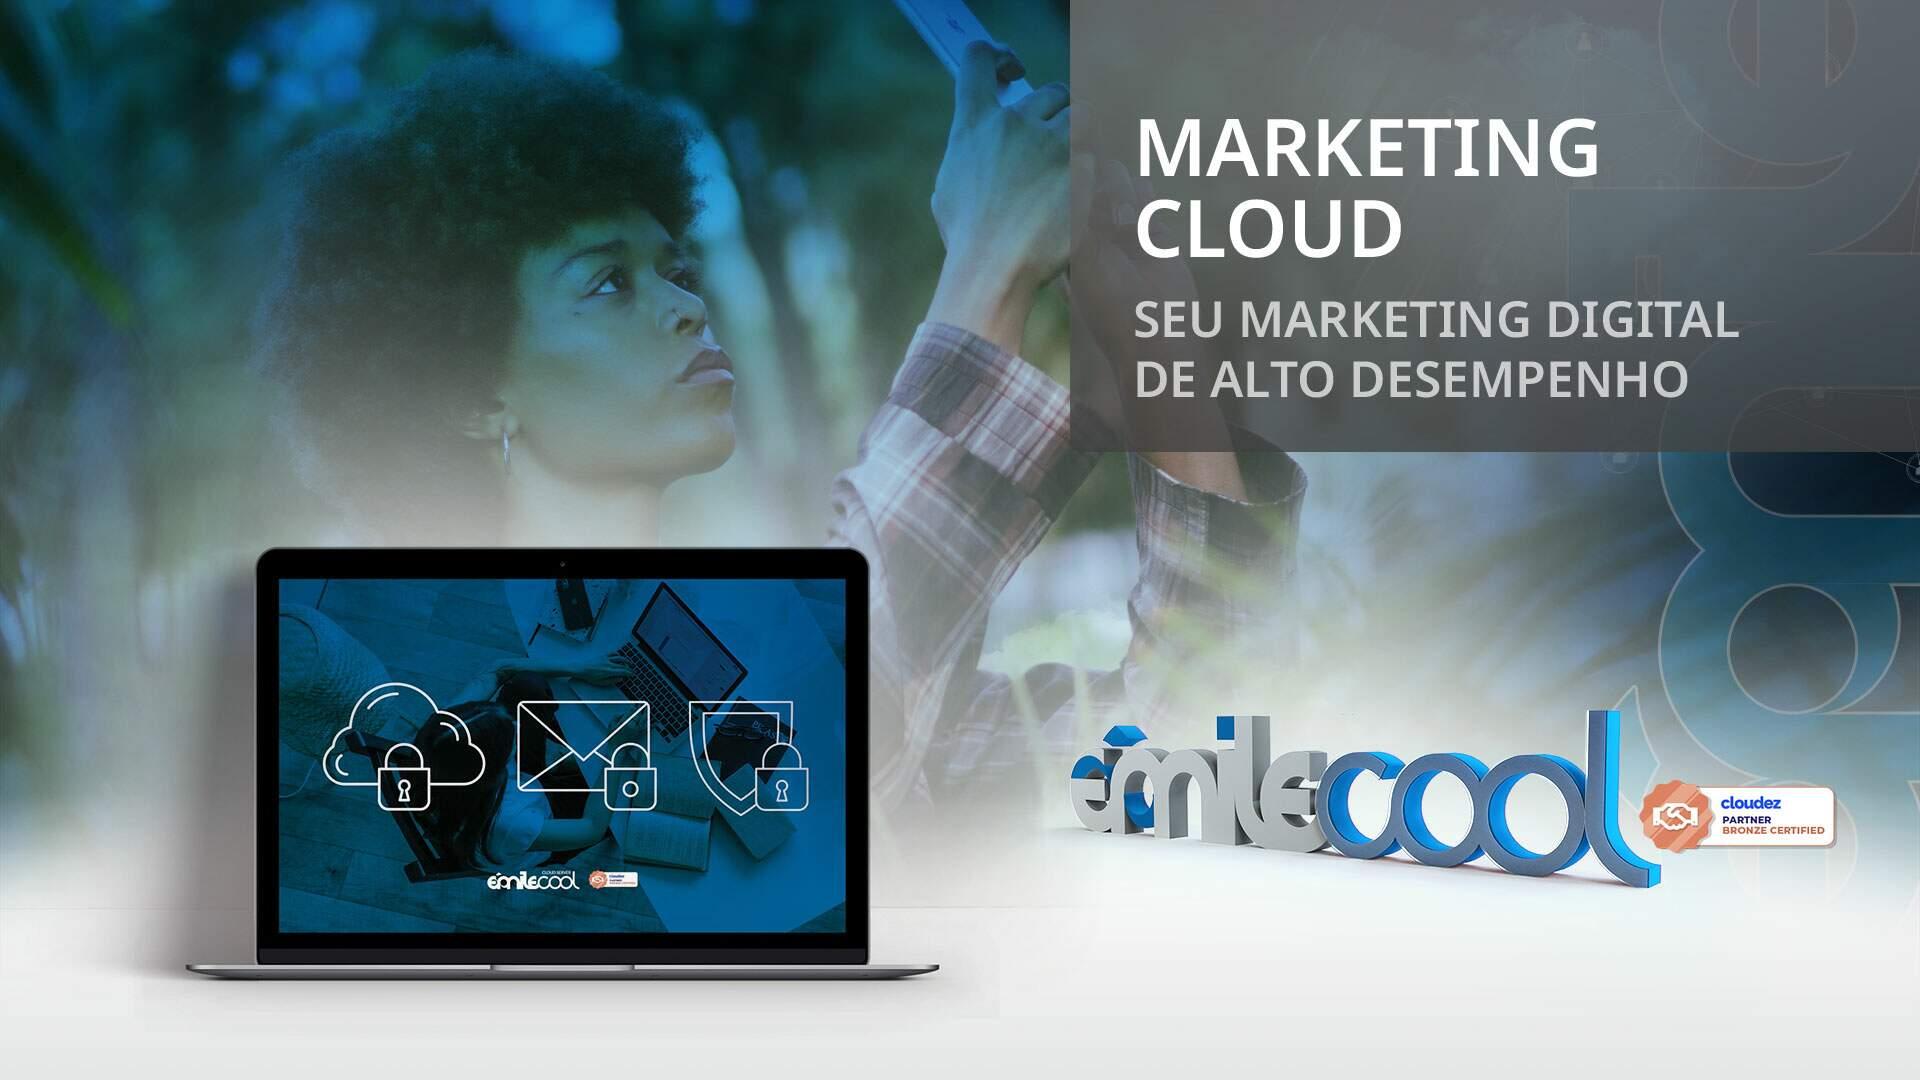 Marketing Cloud: alto desempenho em aplicações para marketing digital